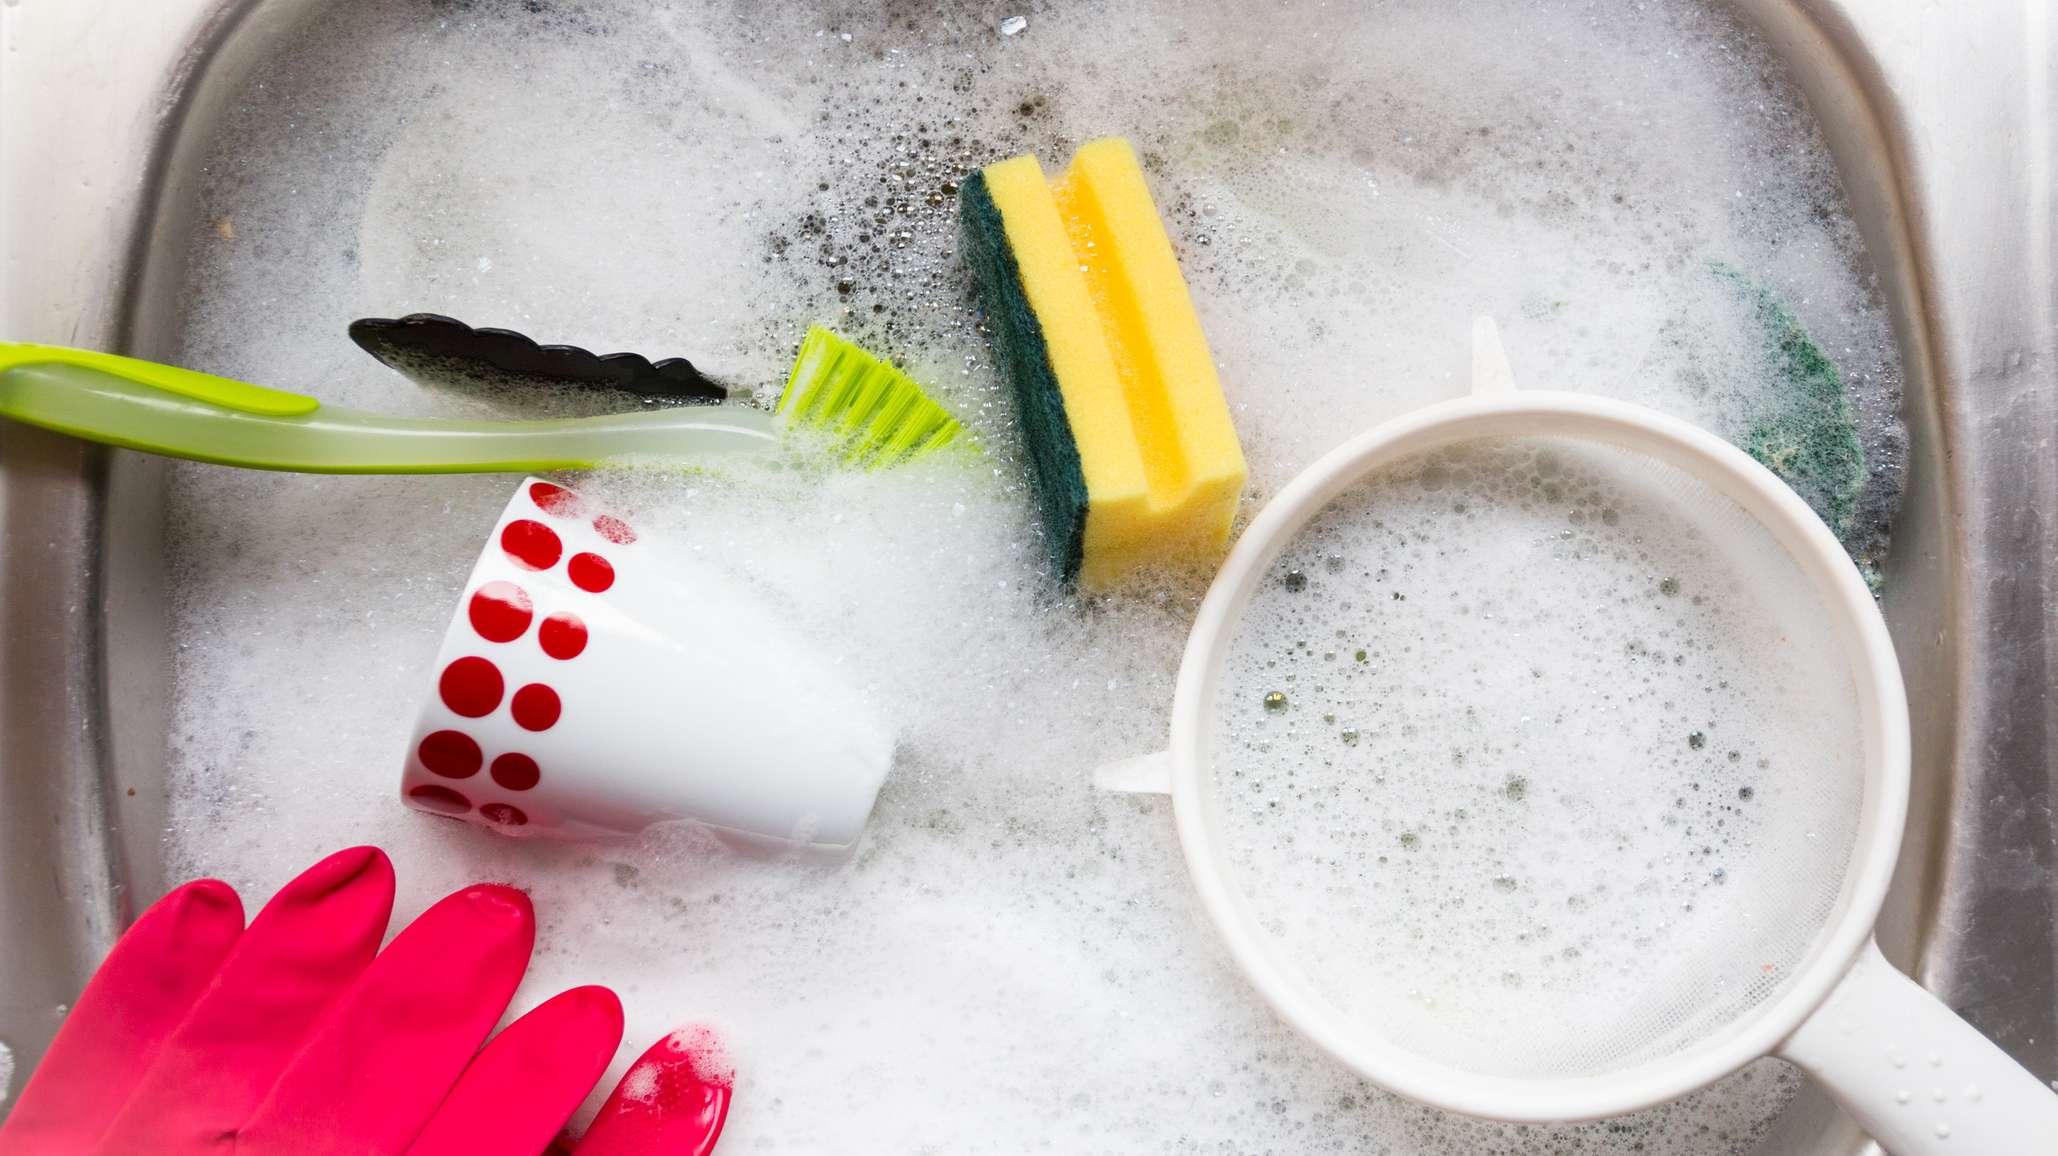 Фото посуды в раковине